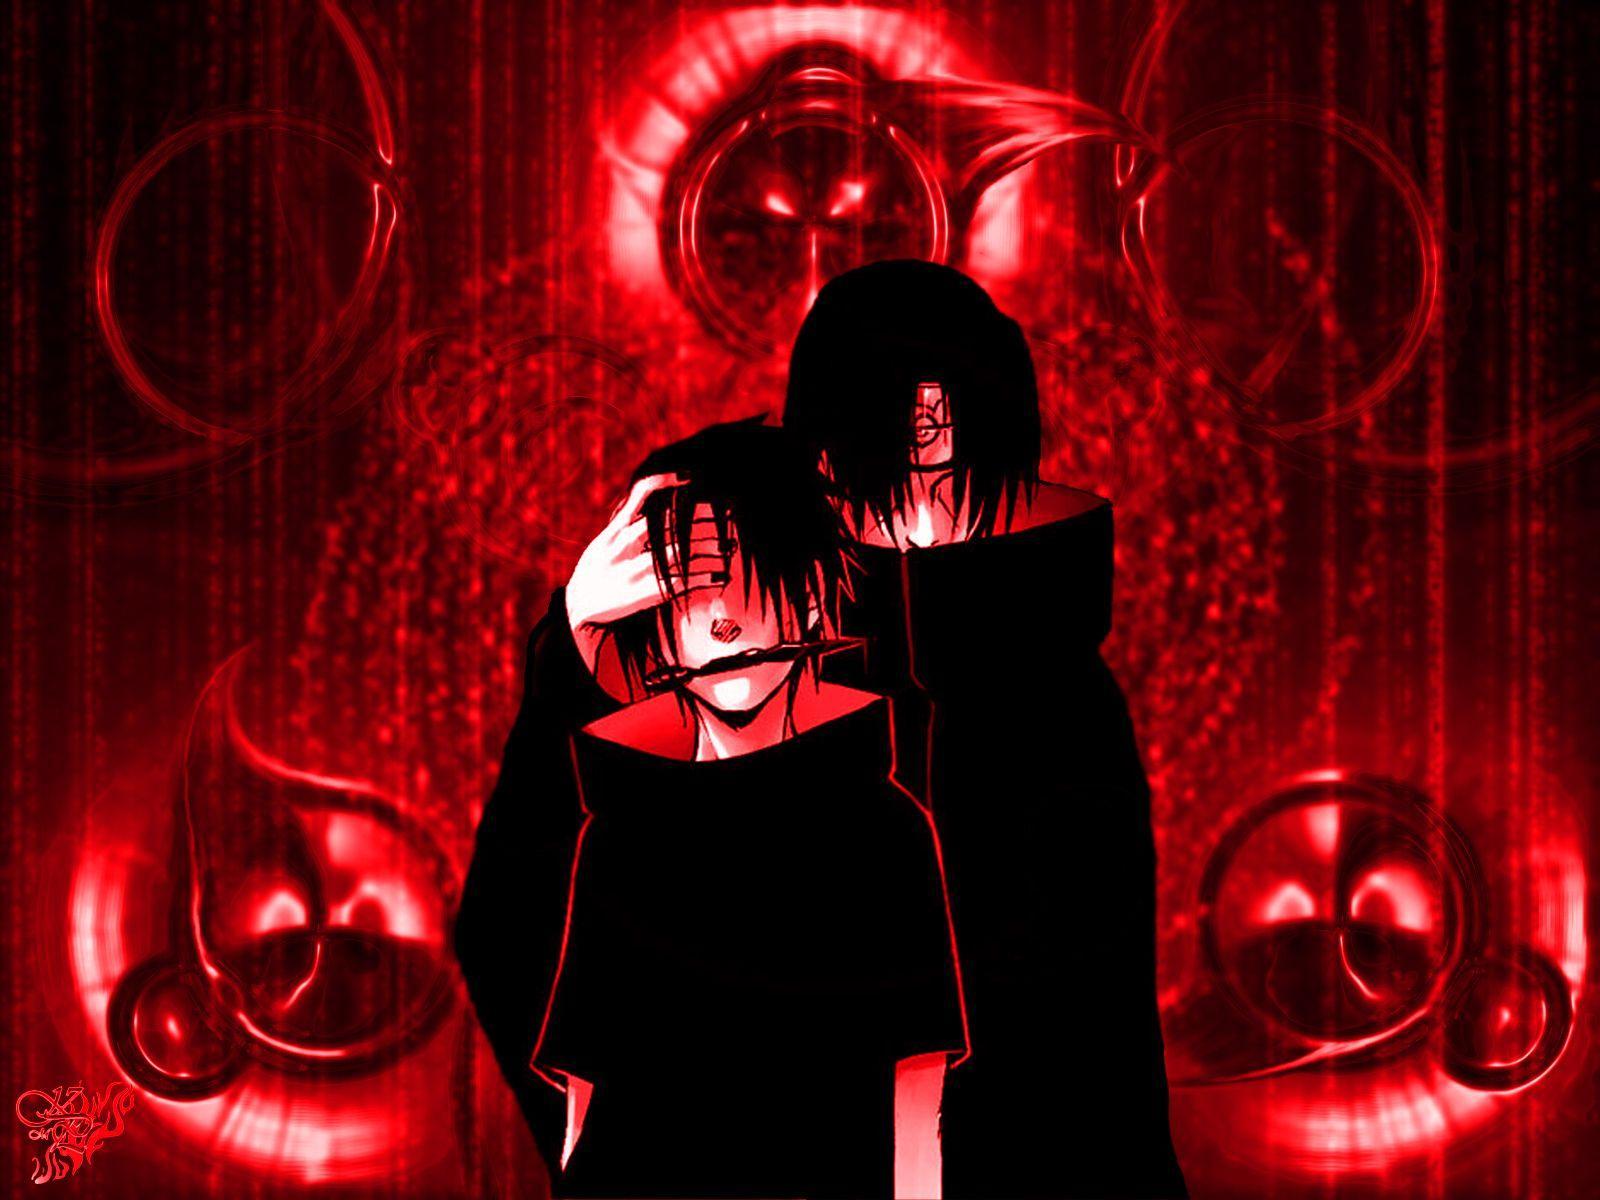 Sasuke And Itachi Wallpapers Top Free Sasuke And Itachi Backgrounds Wallpaperaccess